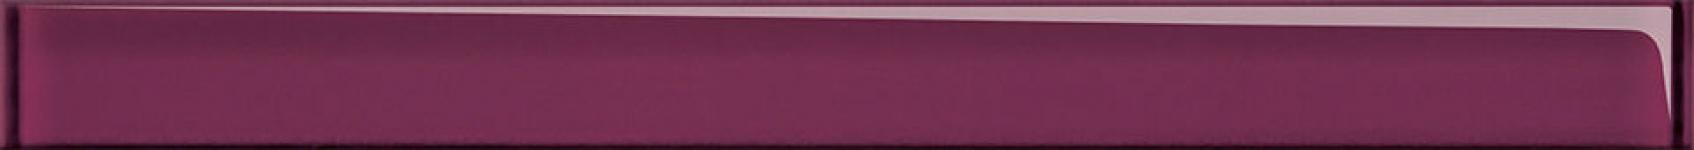 Купить Керамическая плитка Universal Glass cпецэлемент стеклянный пурпурный (UG1H221) 4x45, Cersanit, Россия